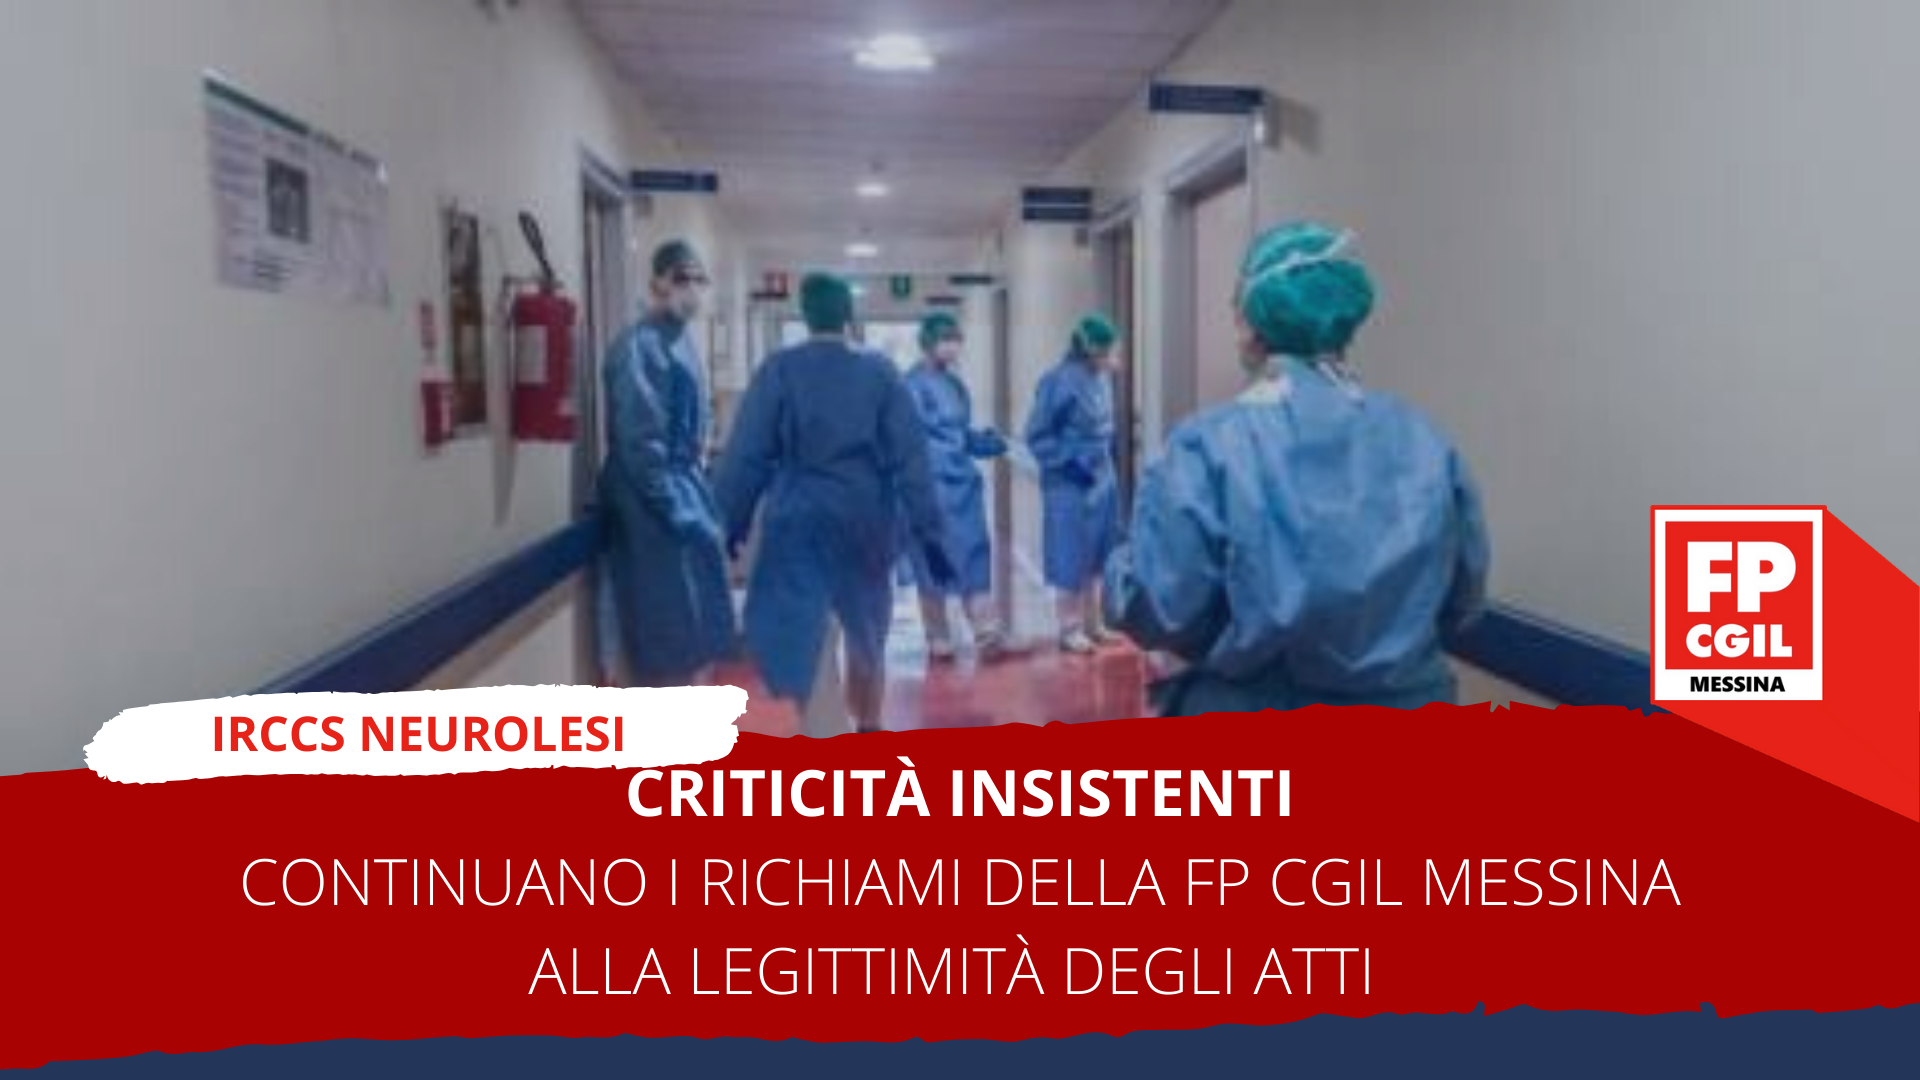 Criticità insistenti presso l'IRCCS Neurolesi di Messina